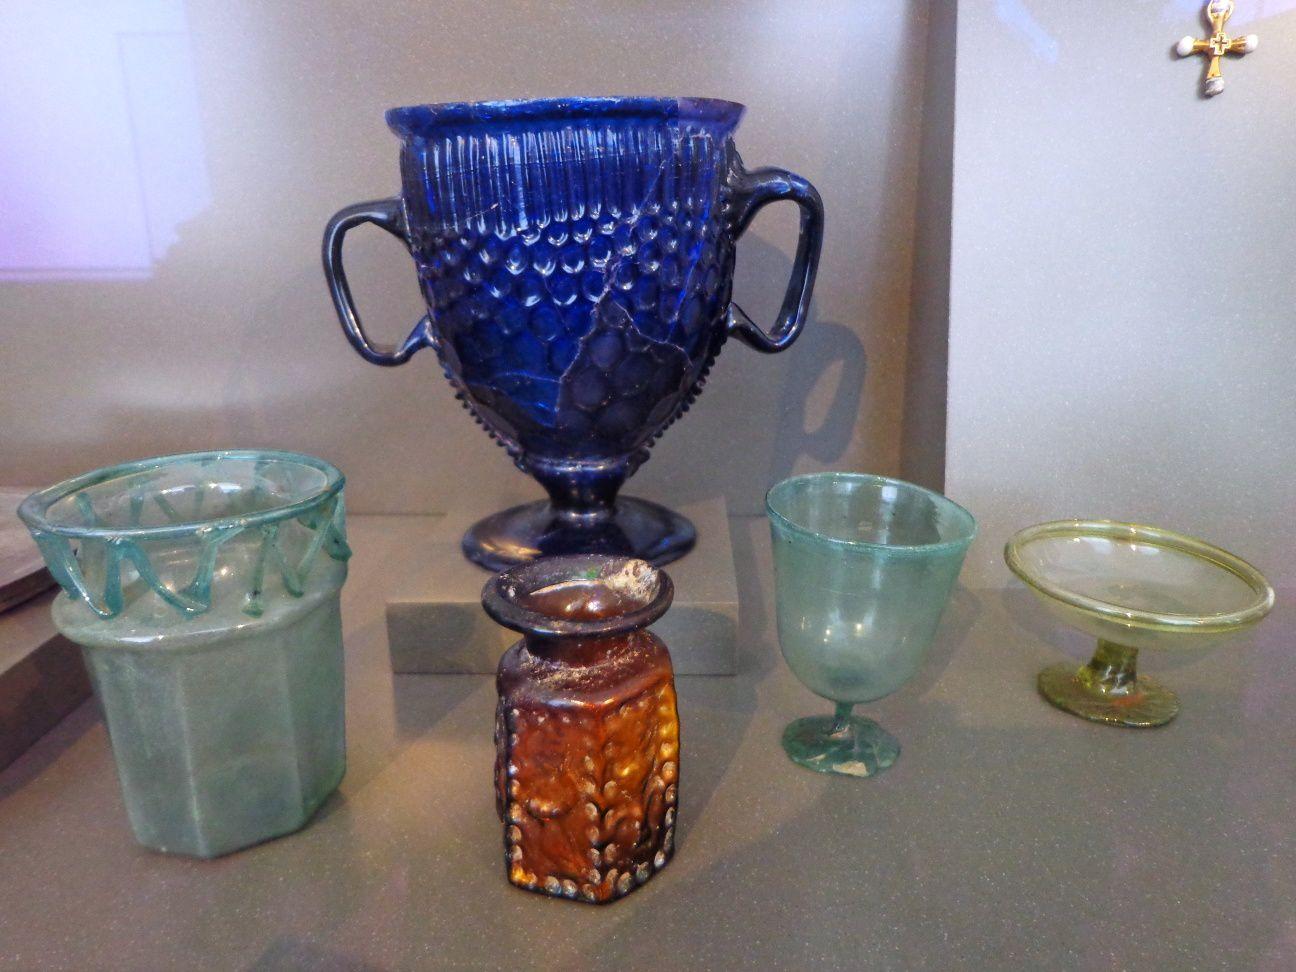 Verrerie et bijouterie romaines - 4e-6e siècles